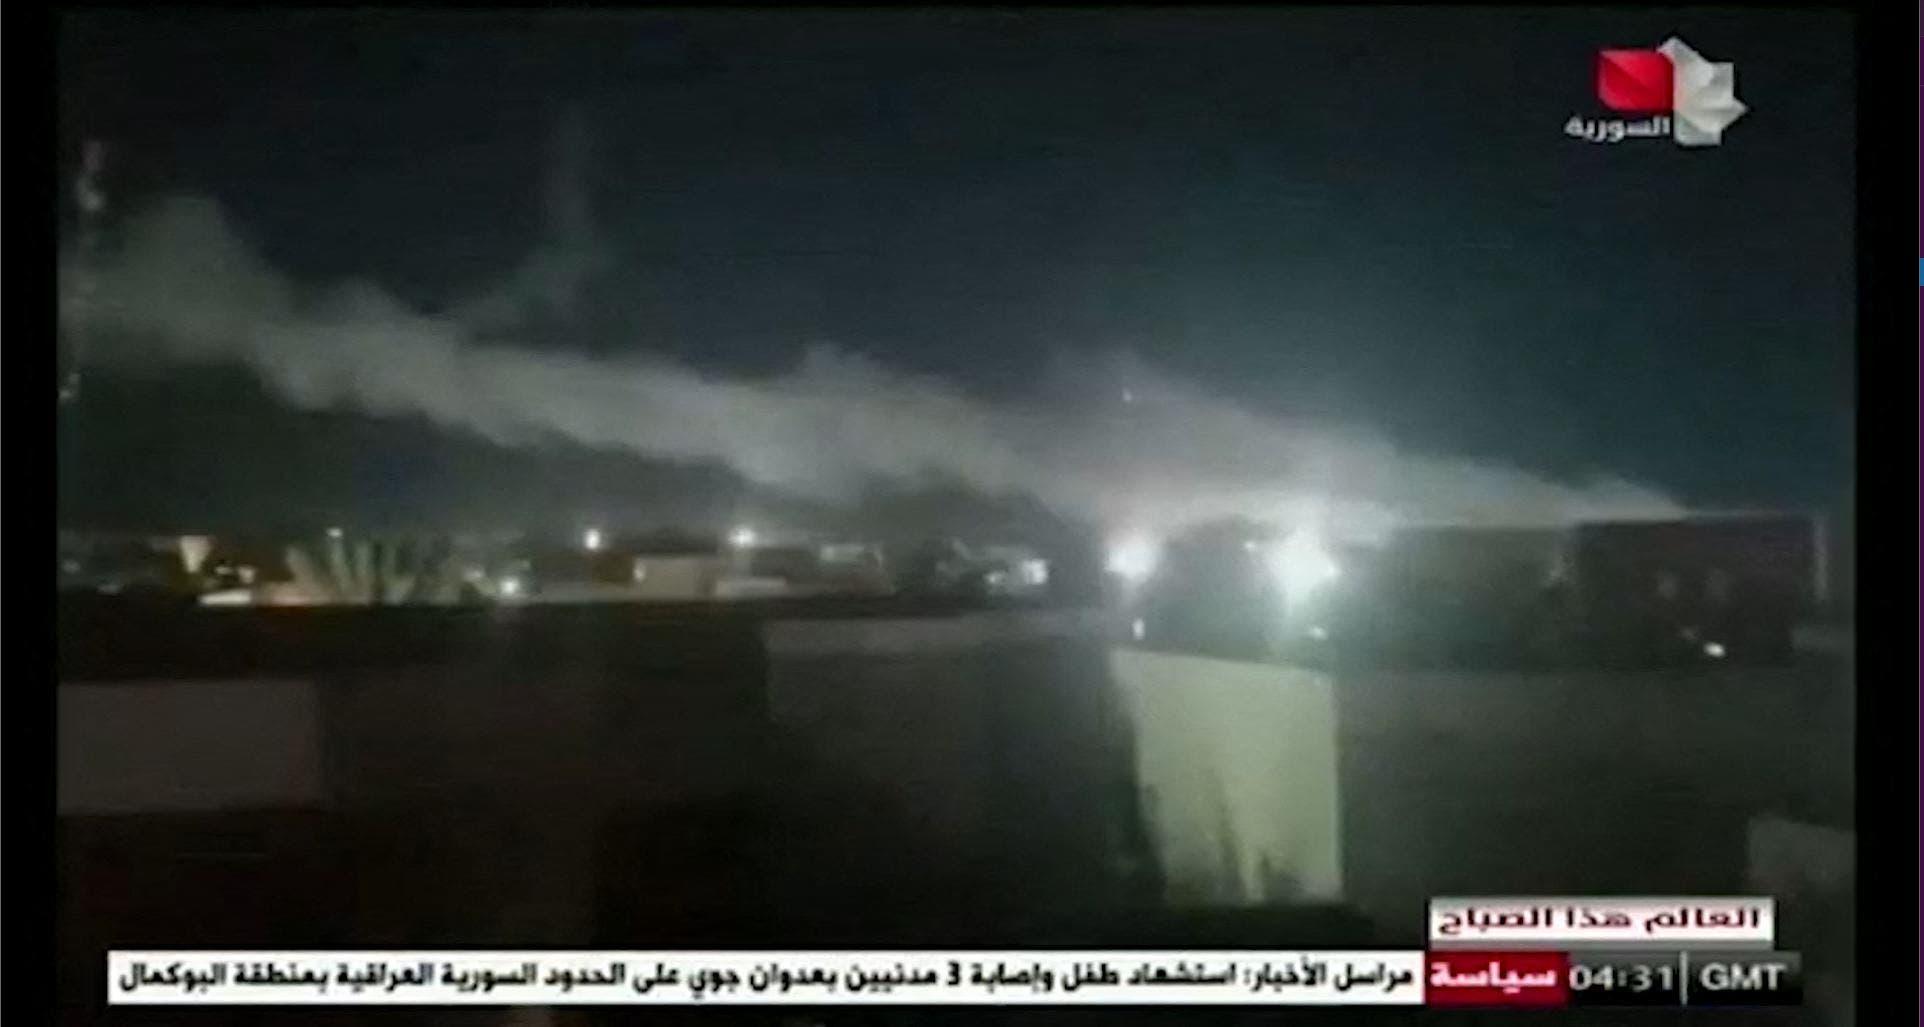 صورة نشرها الإعلام السوري للضربات الأميركية على الميليشيات الإيرانية على الحدود العراقية-السورية